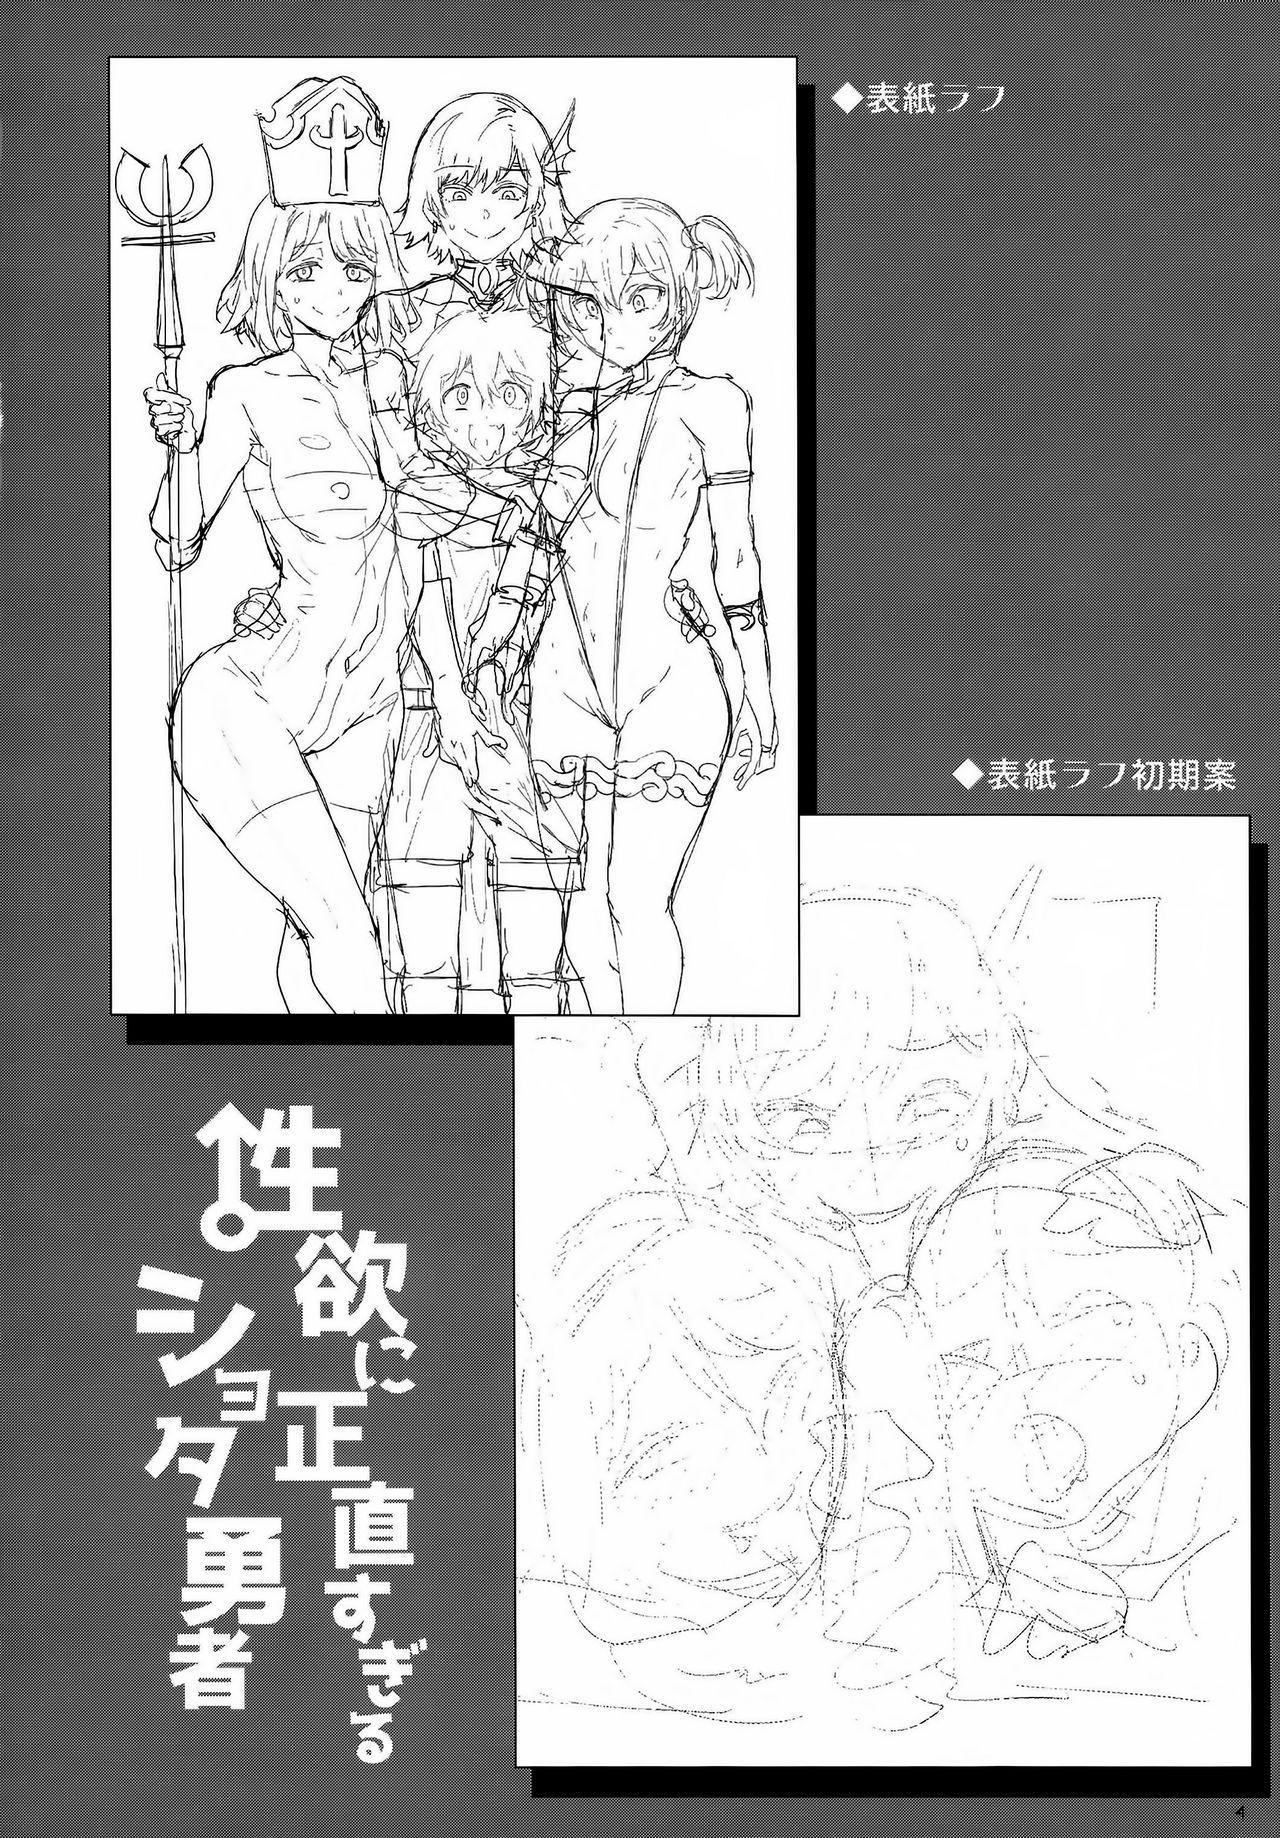 Seiyoku ni Shoujiki Sugiru Shota Yuusha 4